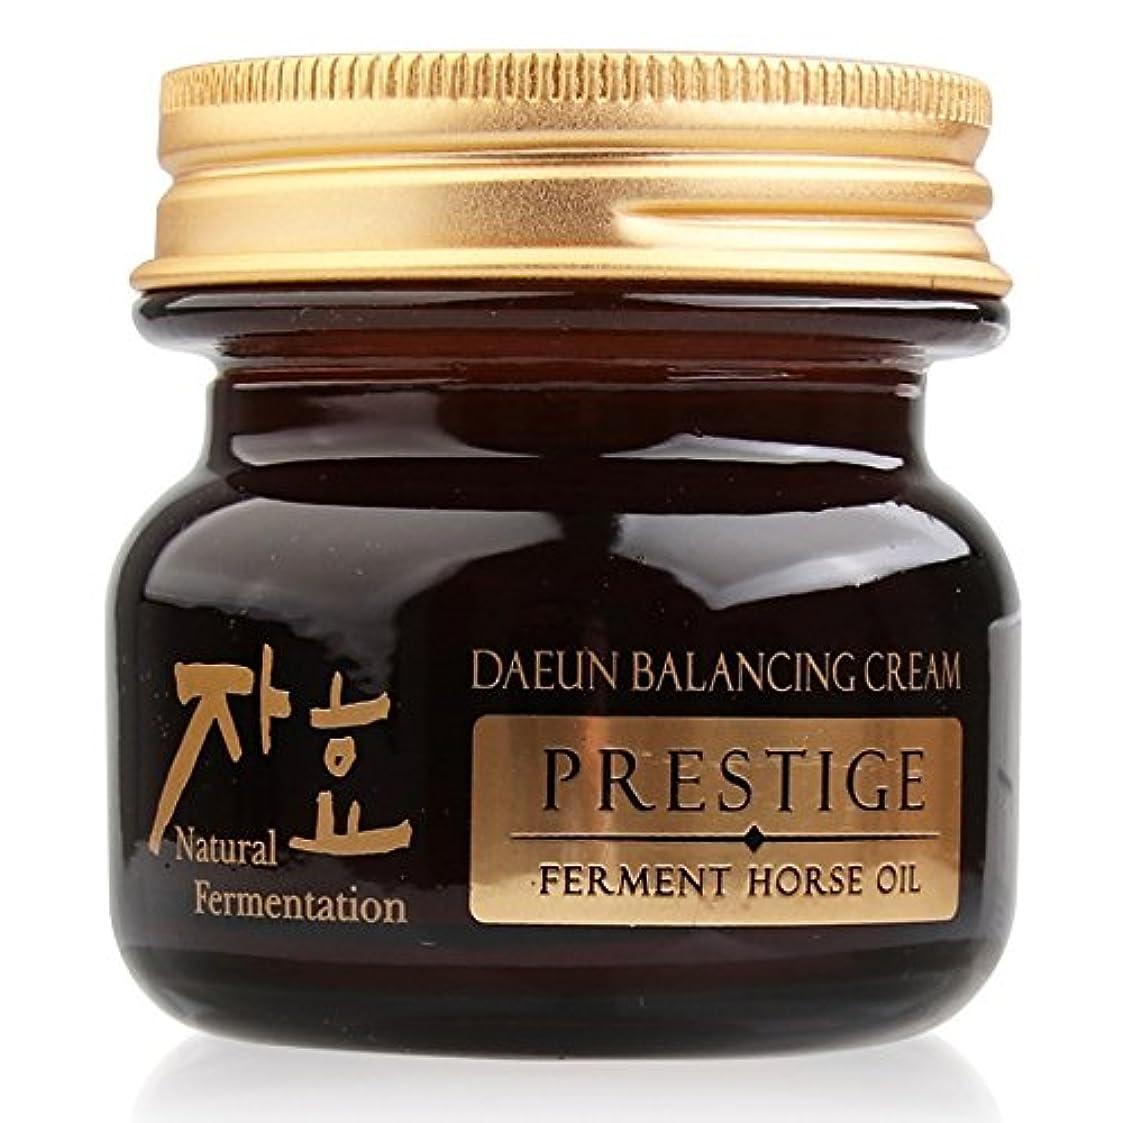 気になる荷物コンピューターゲームをプレイするZHAHYO Daeun Balancing Fermented Horse Oil Cream 65g/Korea Cosmetics